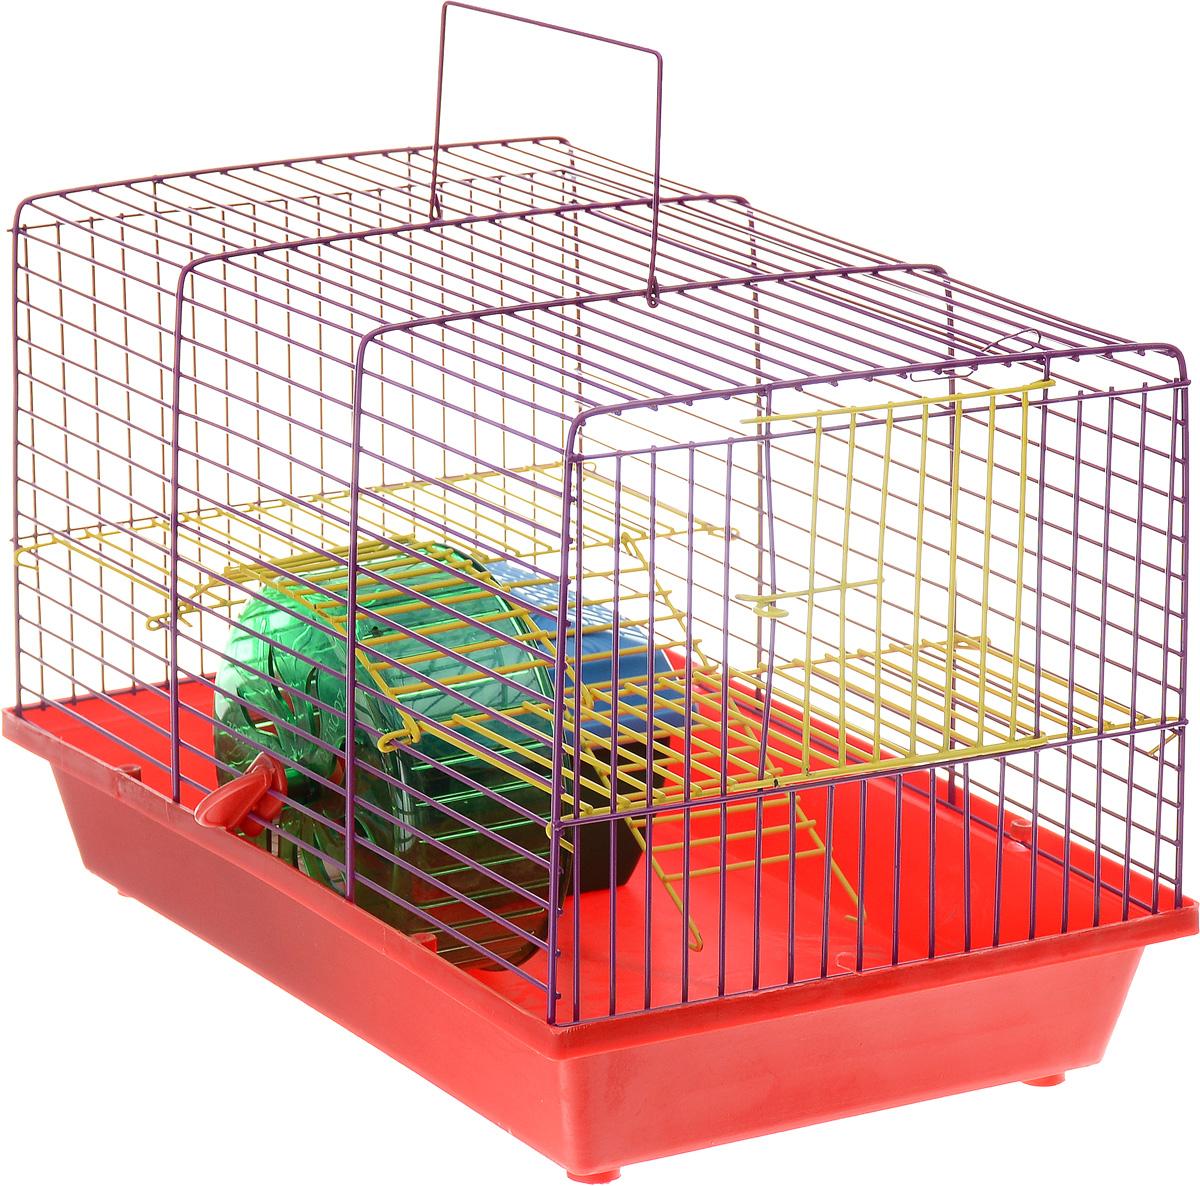 Клетка для грызунов Зоомарк Венеция, 2-этажная, цвет: красный поддон, фиолетовая решетка, желтый этаж, 36 х 23 х 24 см145кКФКлетка Венеция, выполненная из полипропилена и металла, подходит для мелких грызунов. Изделие двухэтажное, оборудовано колесом для подвижных игр и пластиковым домиком. Клетка имеет яркий поддон, удобна в использовании и легко чистится. Сверху имеется ручка для переноски. Такая клетка станет уединенным личным пространством и уютным домиком для маленького грызуна.